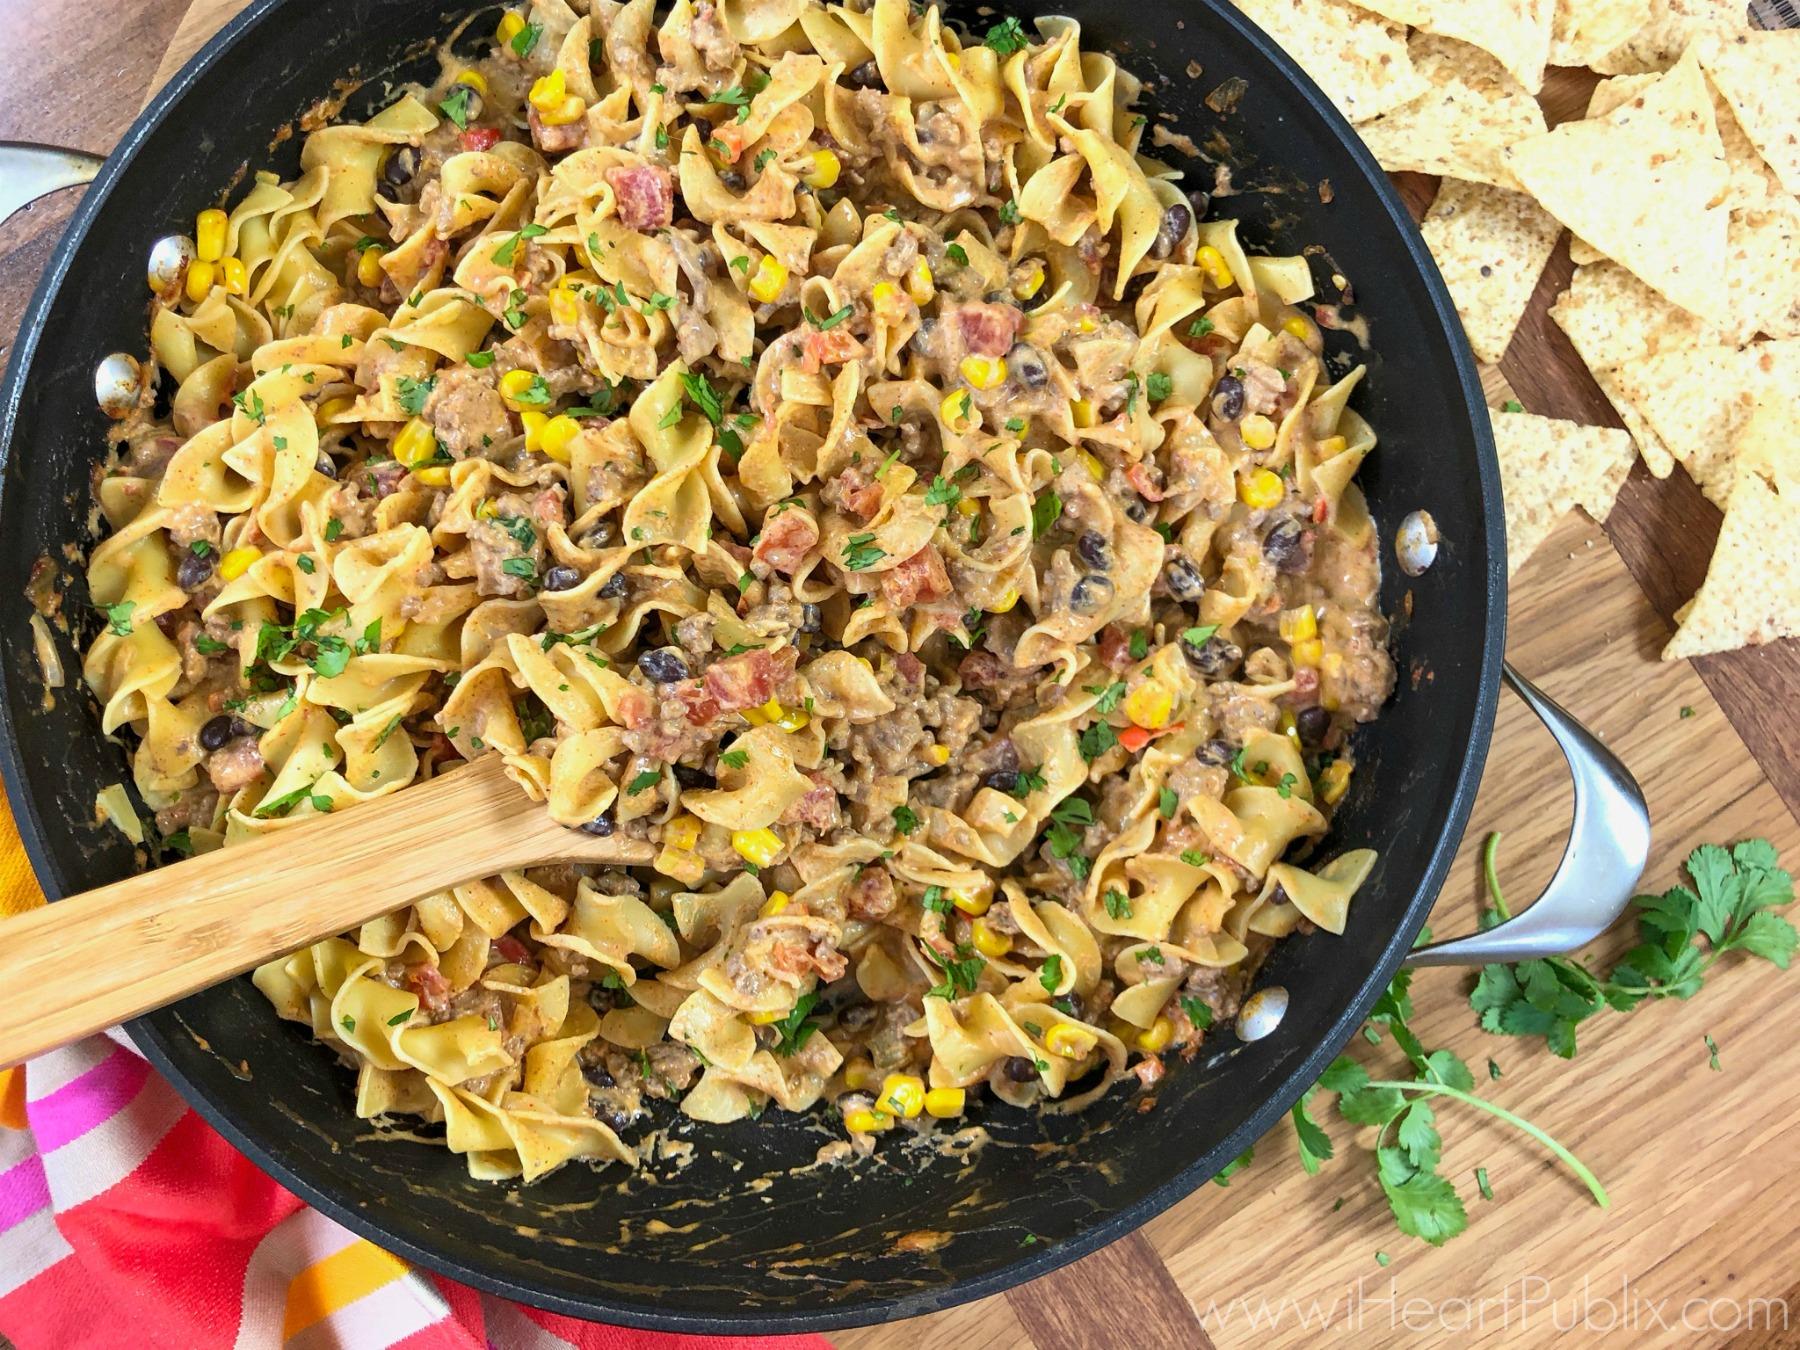 Taco Stroganoff - Super Meal For The Light 'n Fluffy® Egg Noodles BOGO Sale! on I Heart Publix